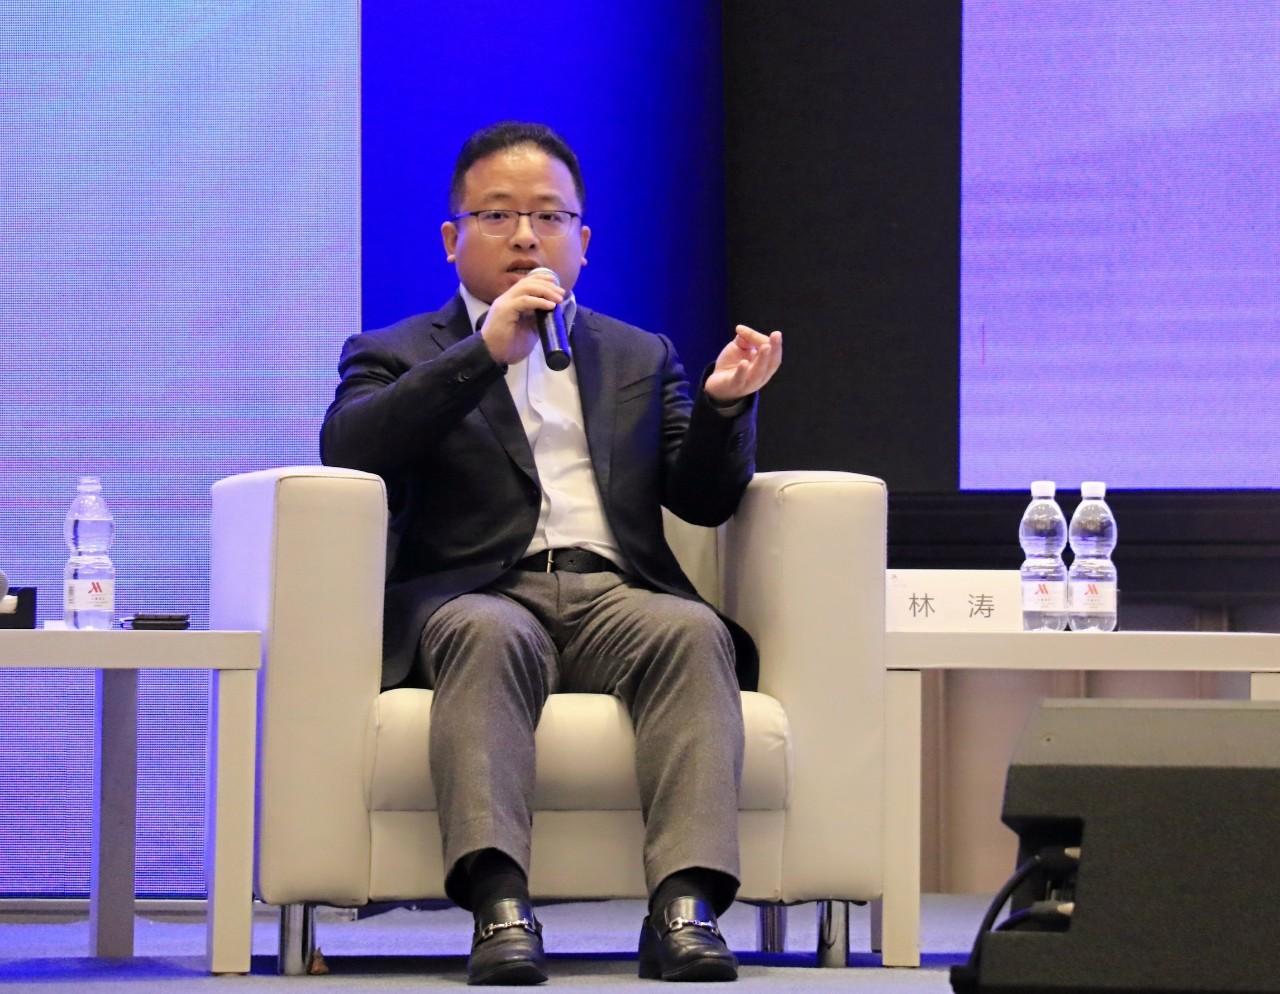 林涛董事长出席粤港澳大湾区文化遗产合作研讨会并参加圆桌论坛